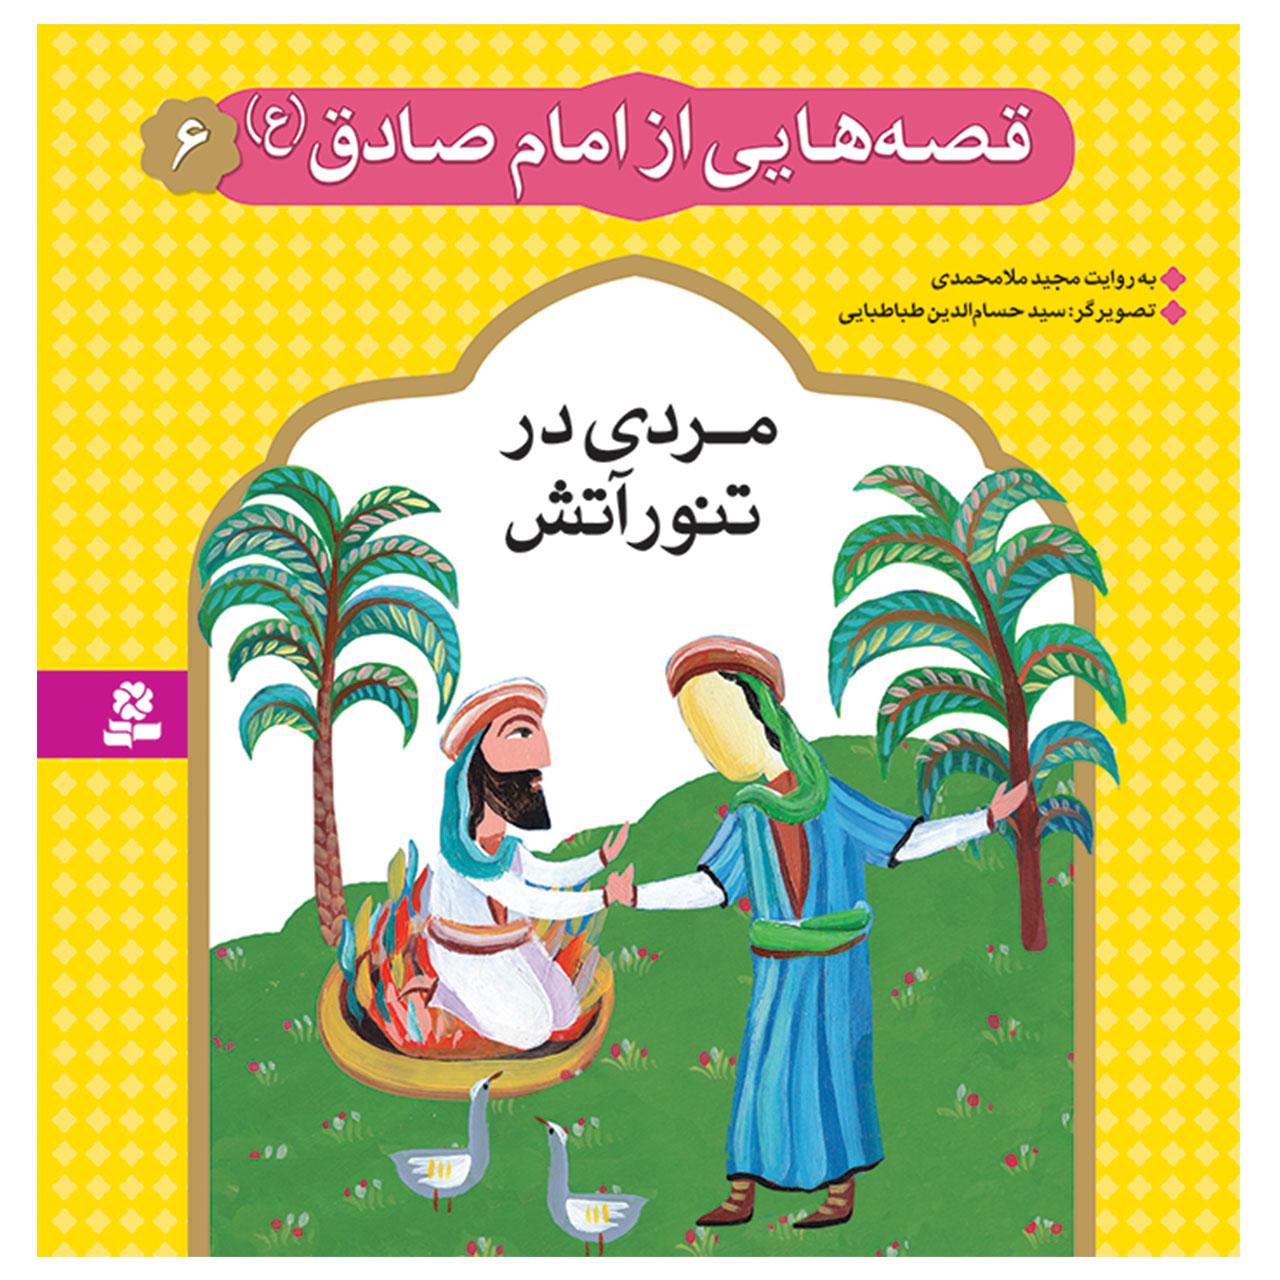 خرید                      کتاب قصه هایی از امام صادق (ع) 6 مردی در تنور آتش اثر مجید ملامحمدی انتشارات قدیانی